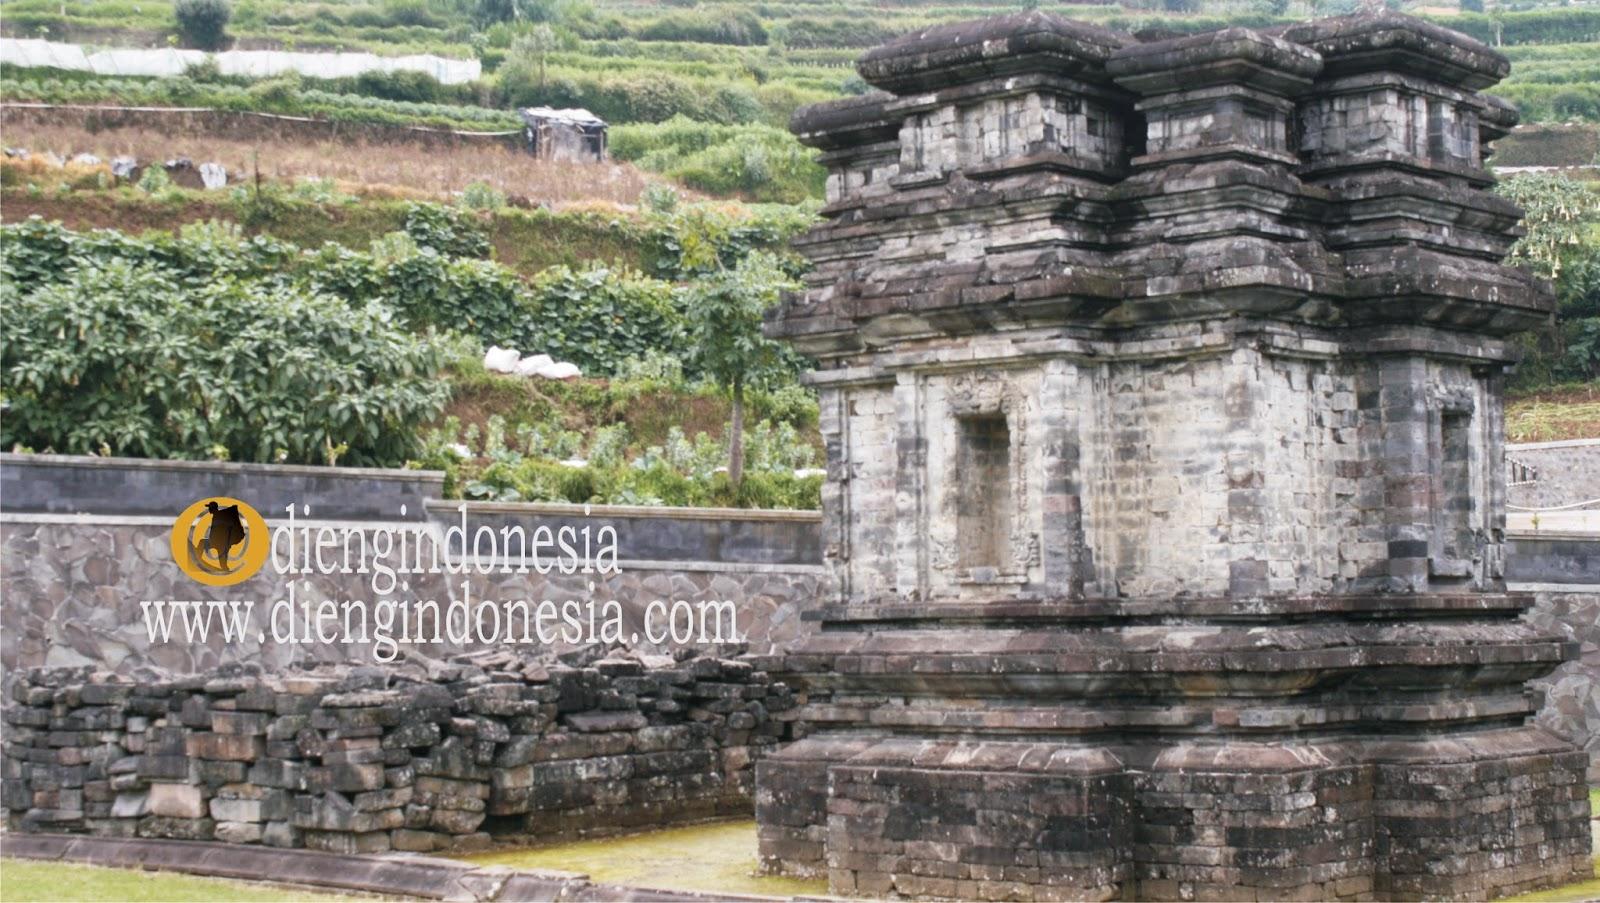 Candi Gatotkaca Dieng Wisata Sejarah Dataran Tinggi Terletak Provisi Jawa